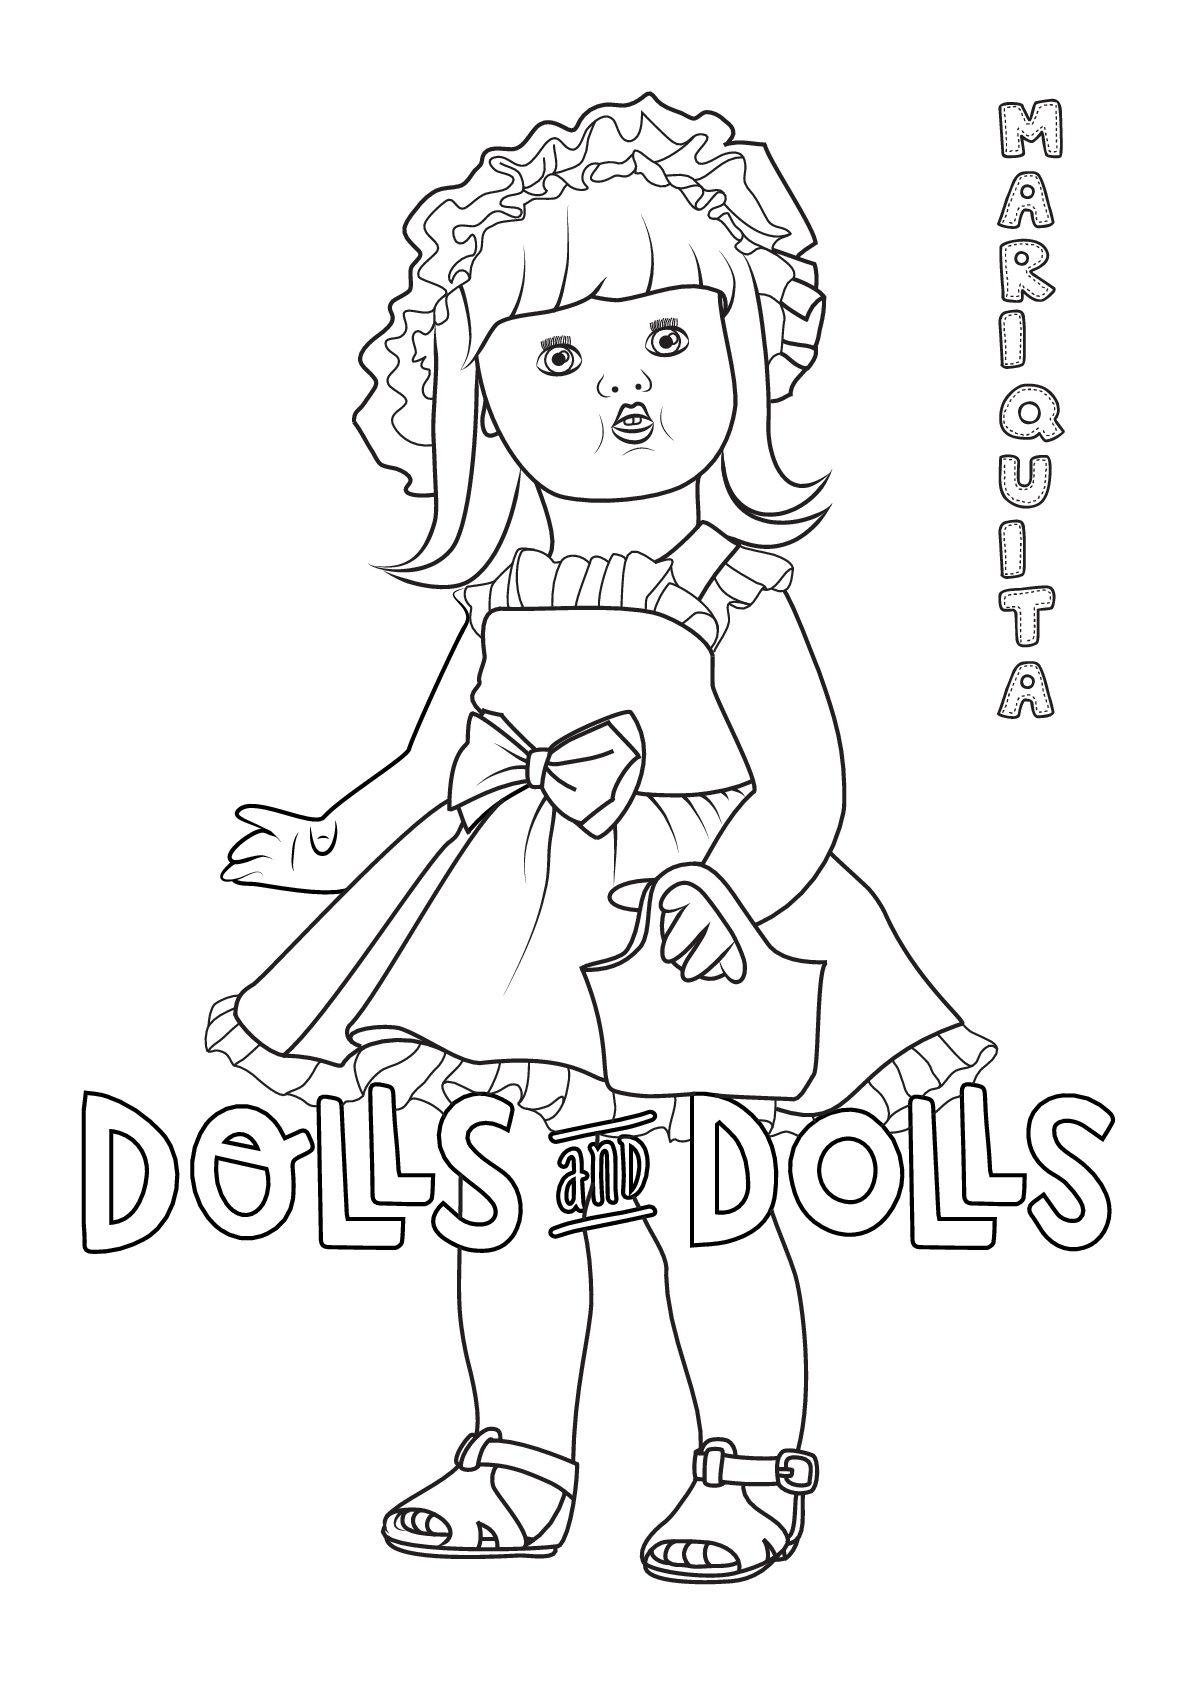 Dibujos De Munecas Para Colorear Gratis Dolls And Dolls Dibujos Para Colorear Gratis Colorear Gratis Munequitos Para Colorear